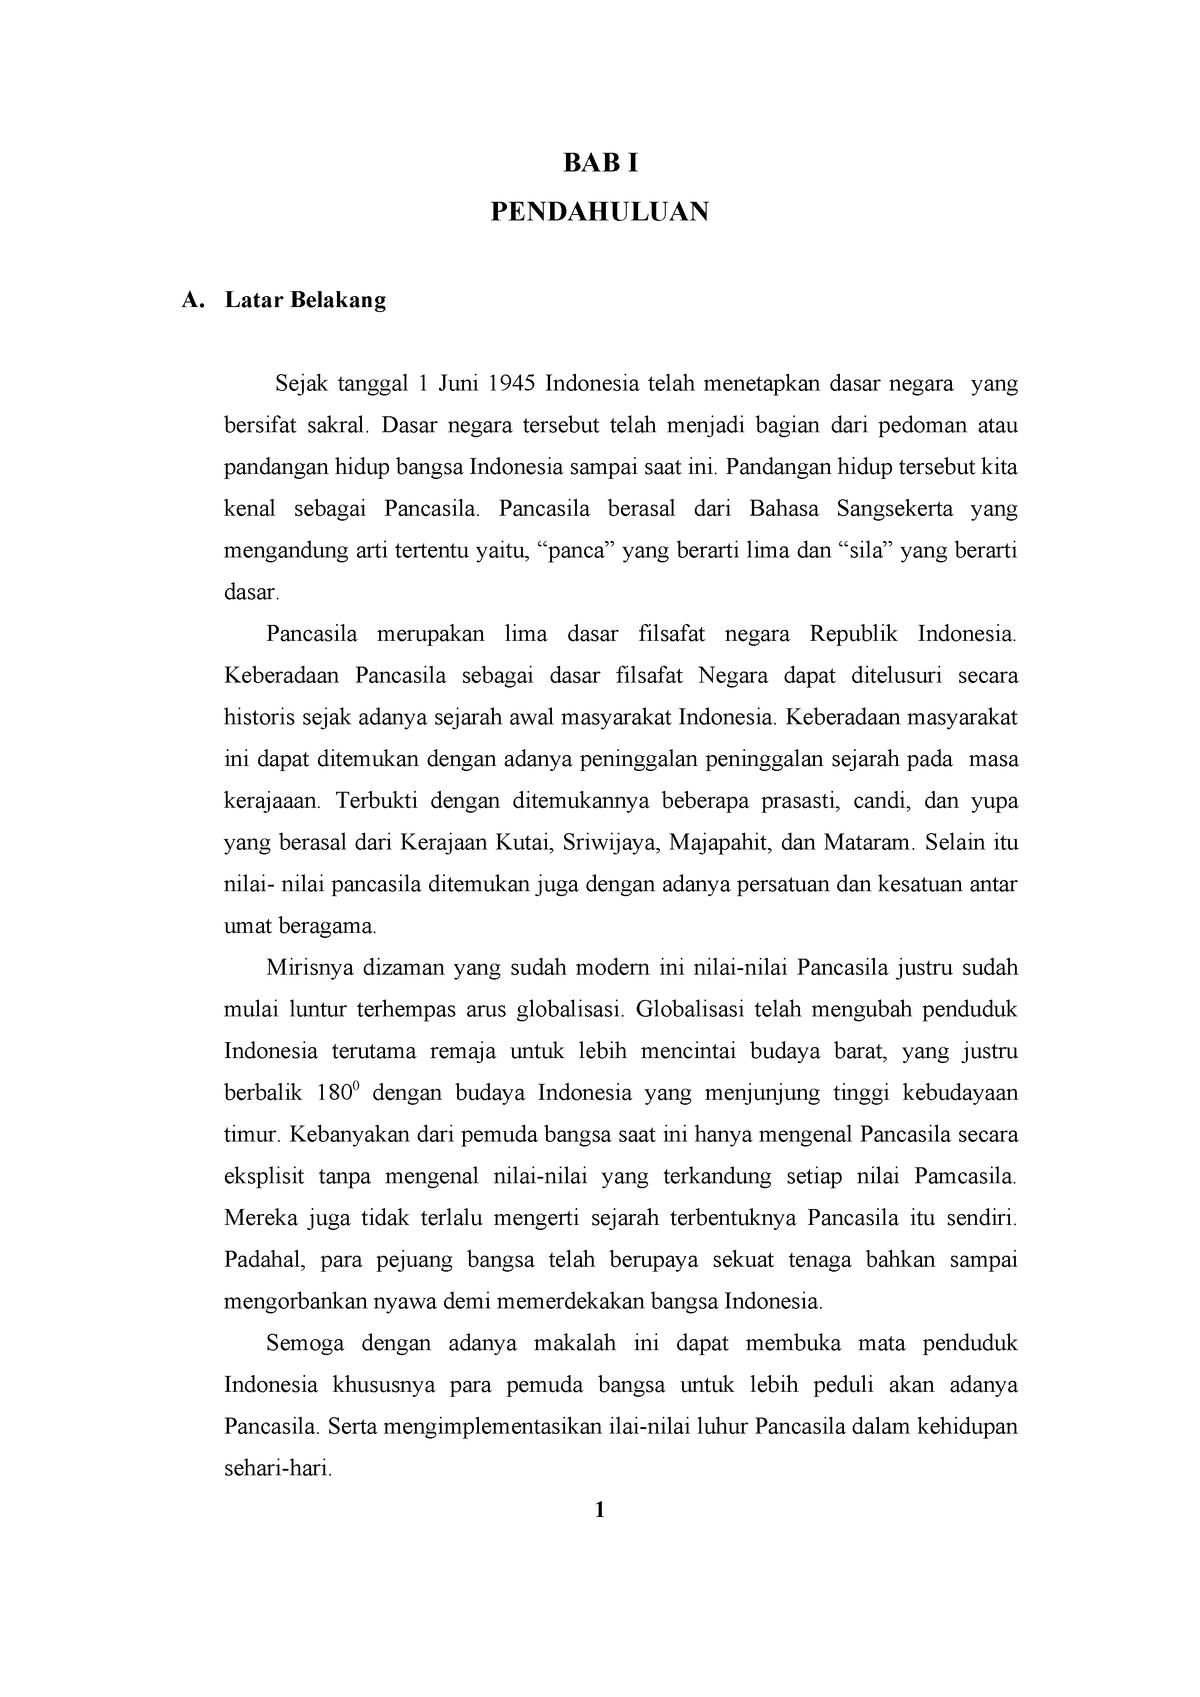 Makalah Pancasila Summary Kewirausahaan Studocu